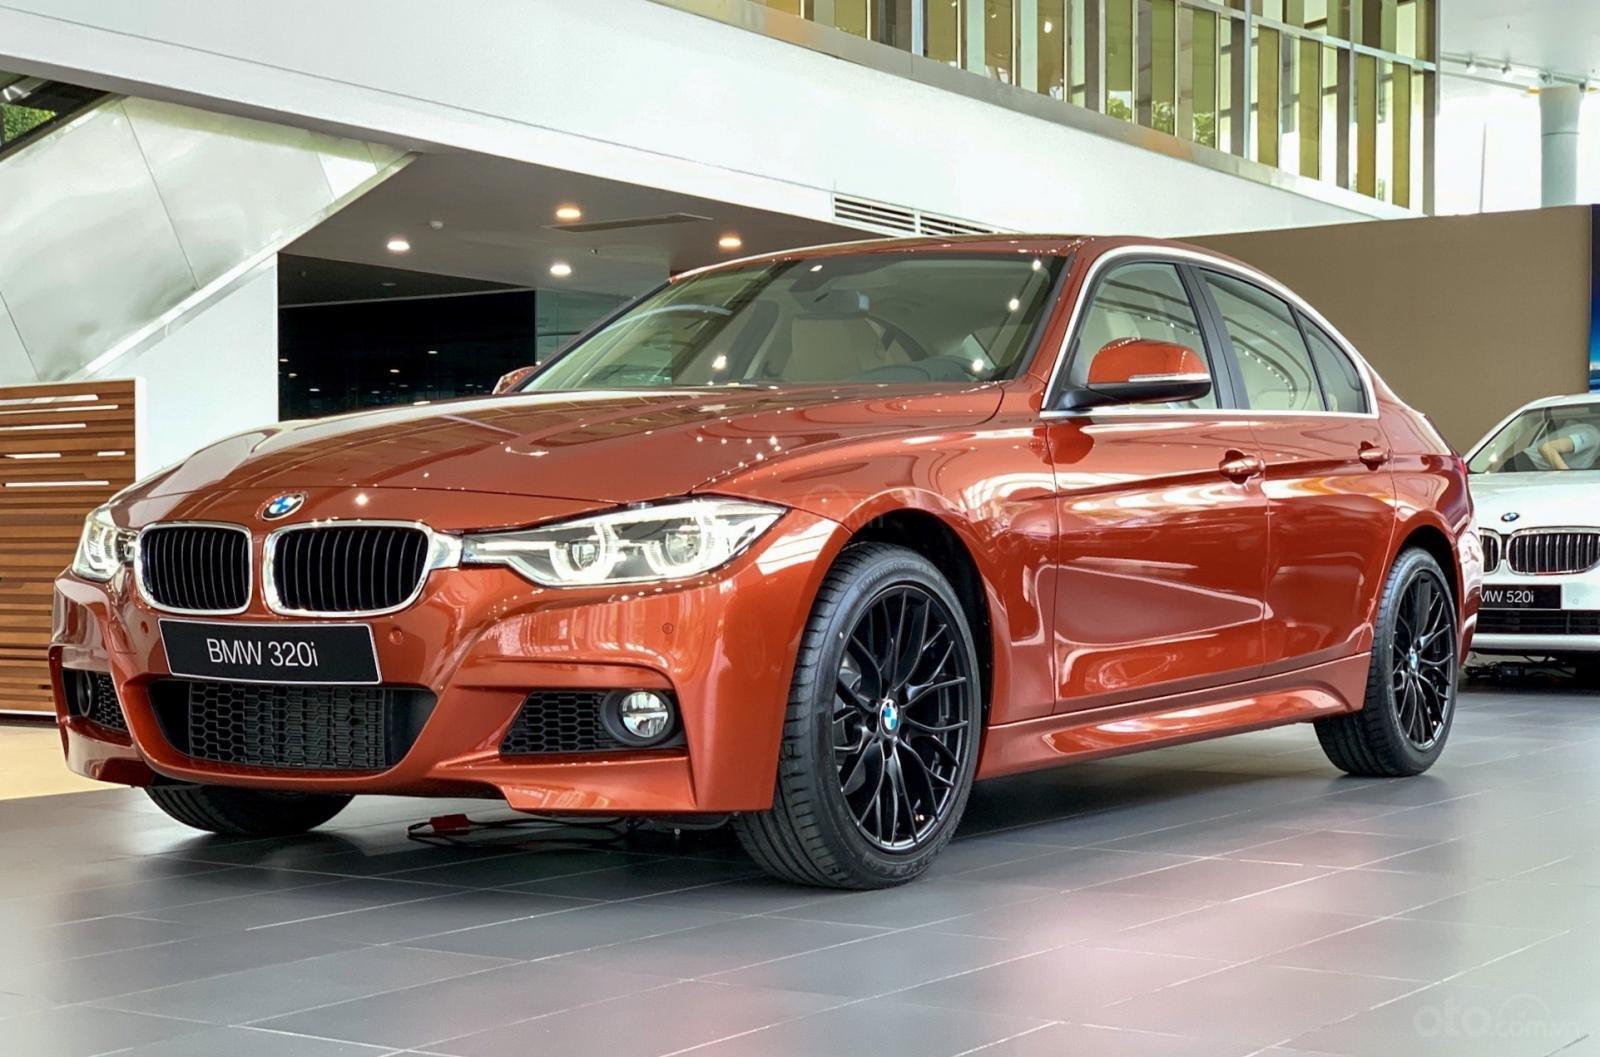 BMW 320i khuyến mãi 270 triệu trong tháng 11 (1)